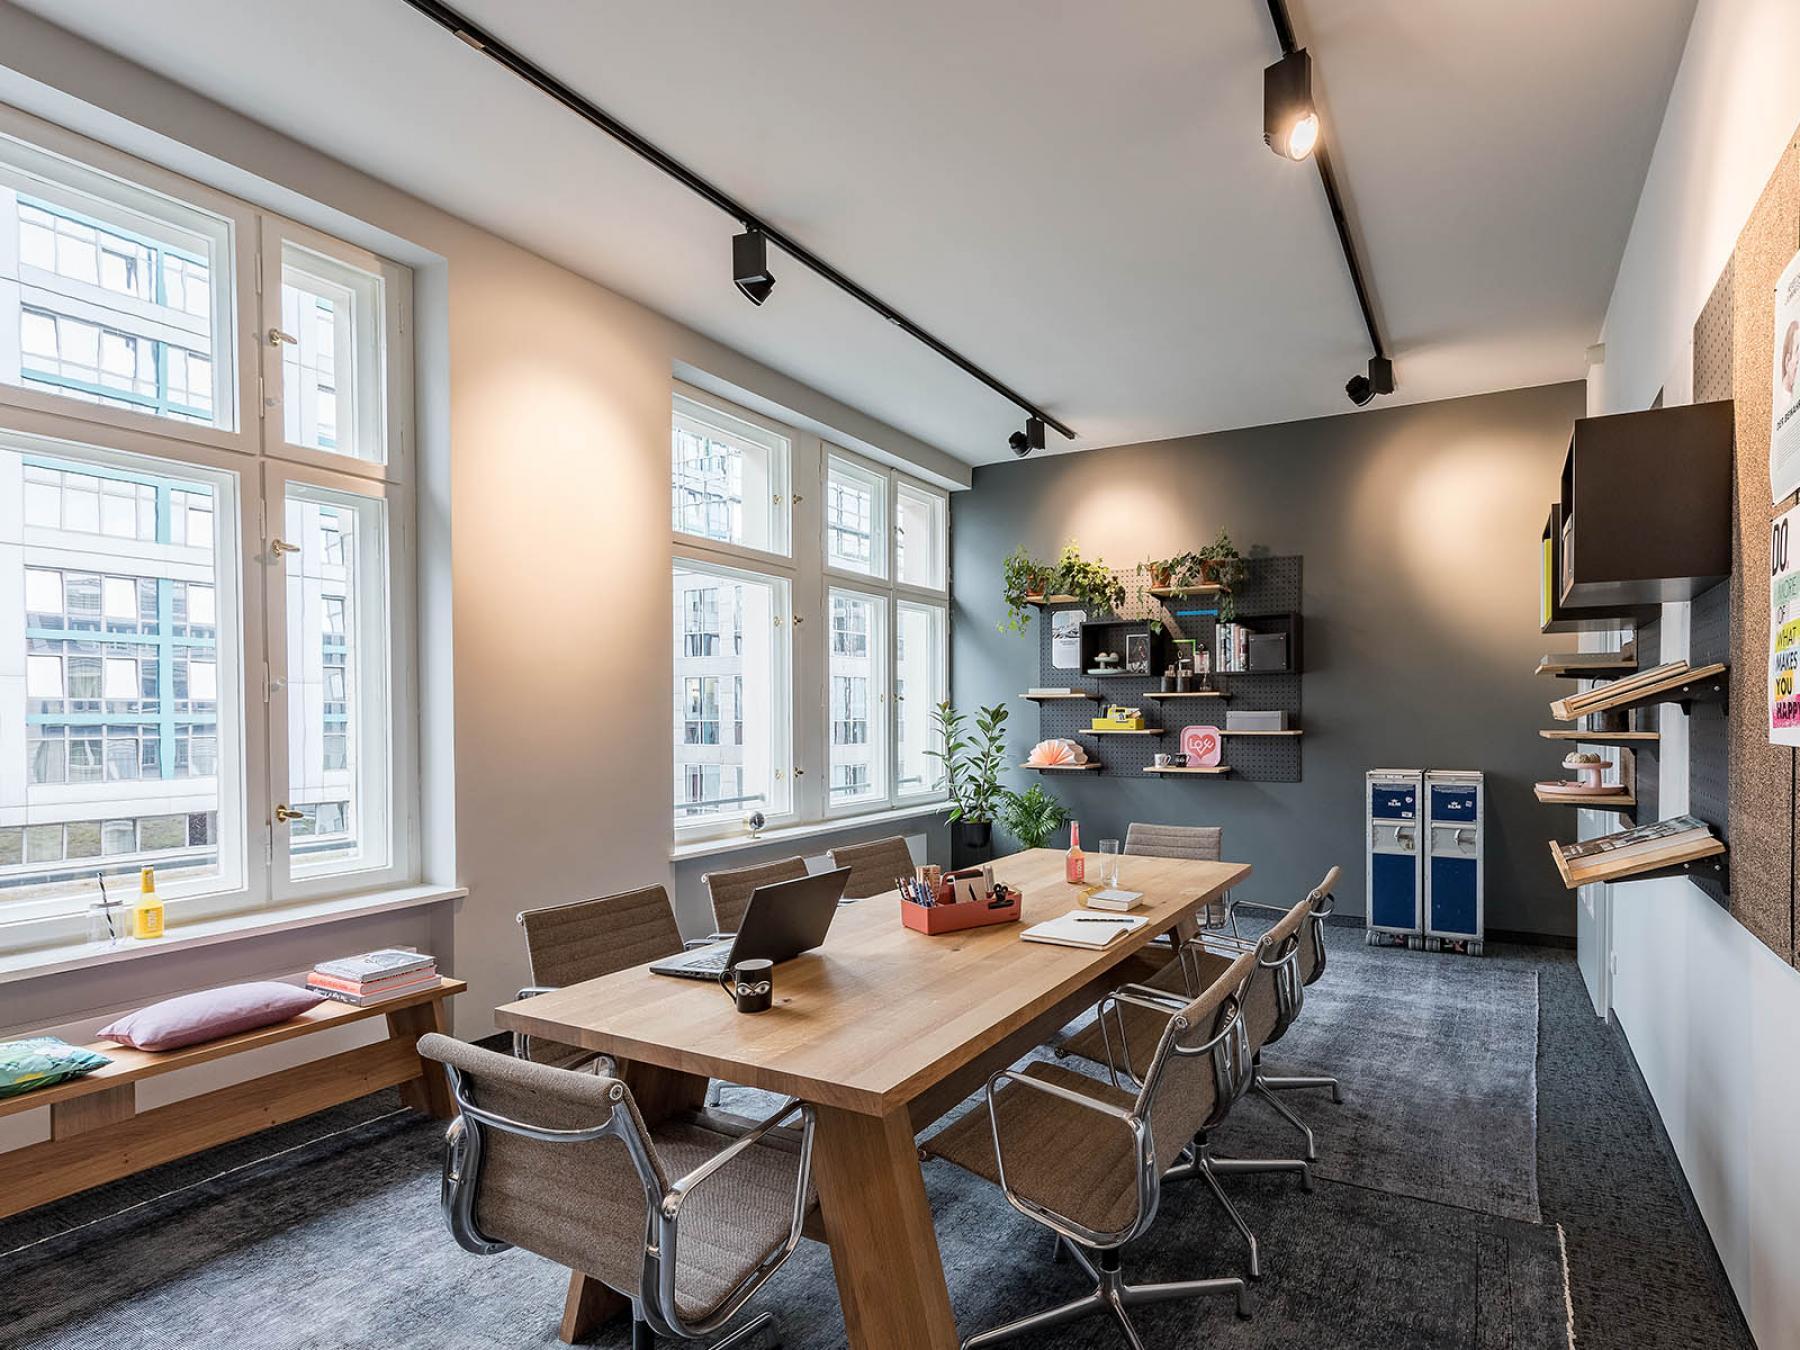 Freundlich und modern eigerichtetes Büro in warmen Farben